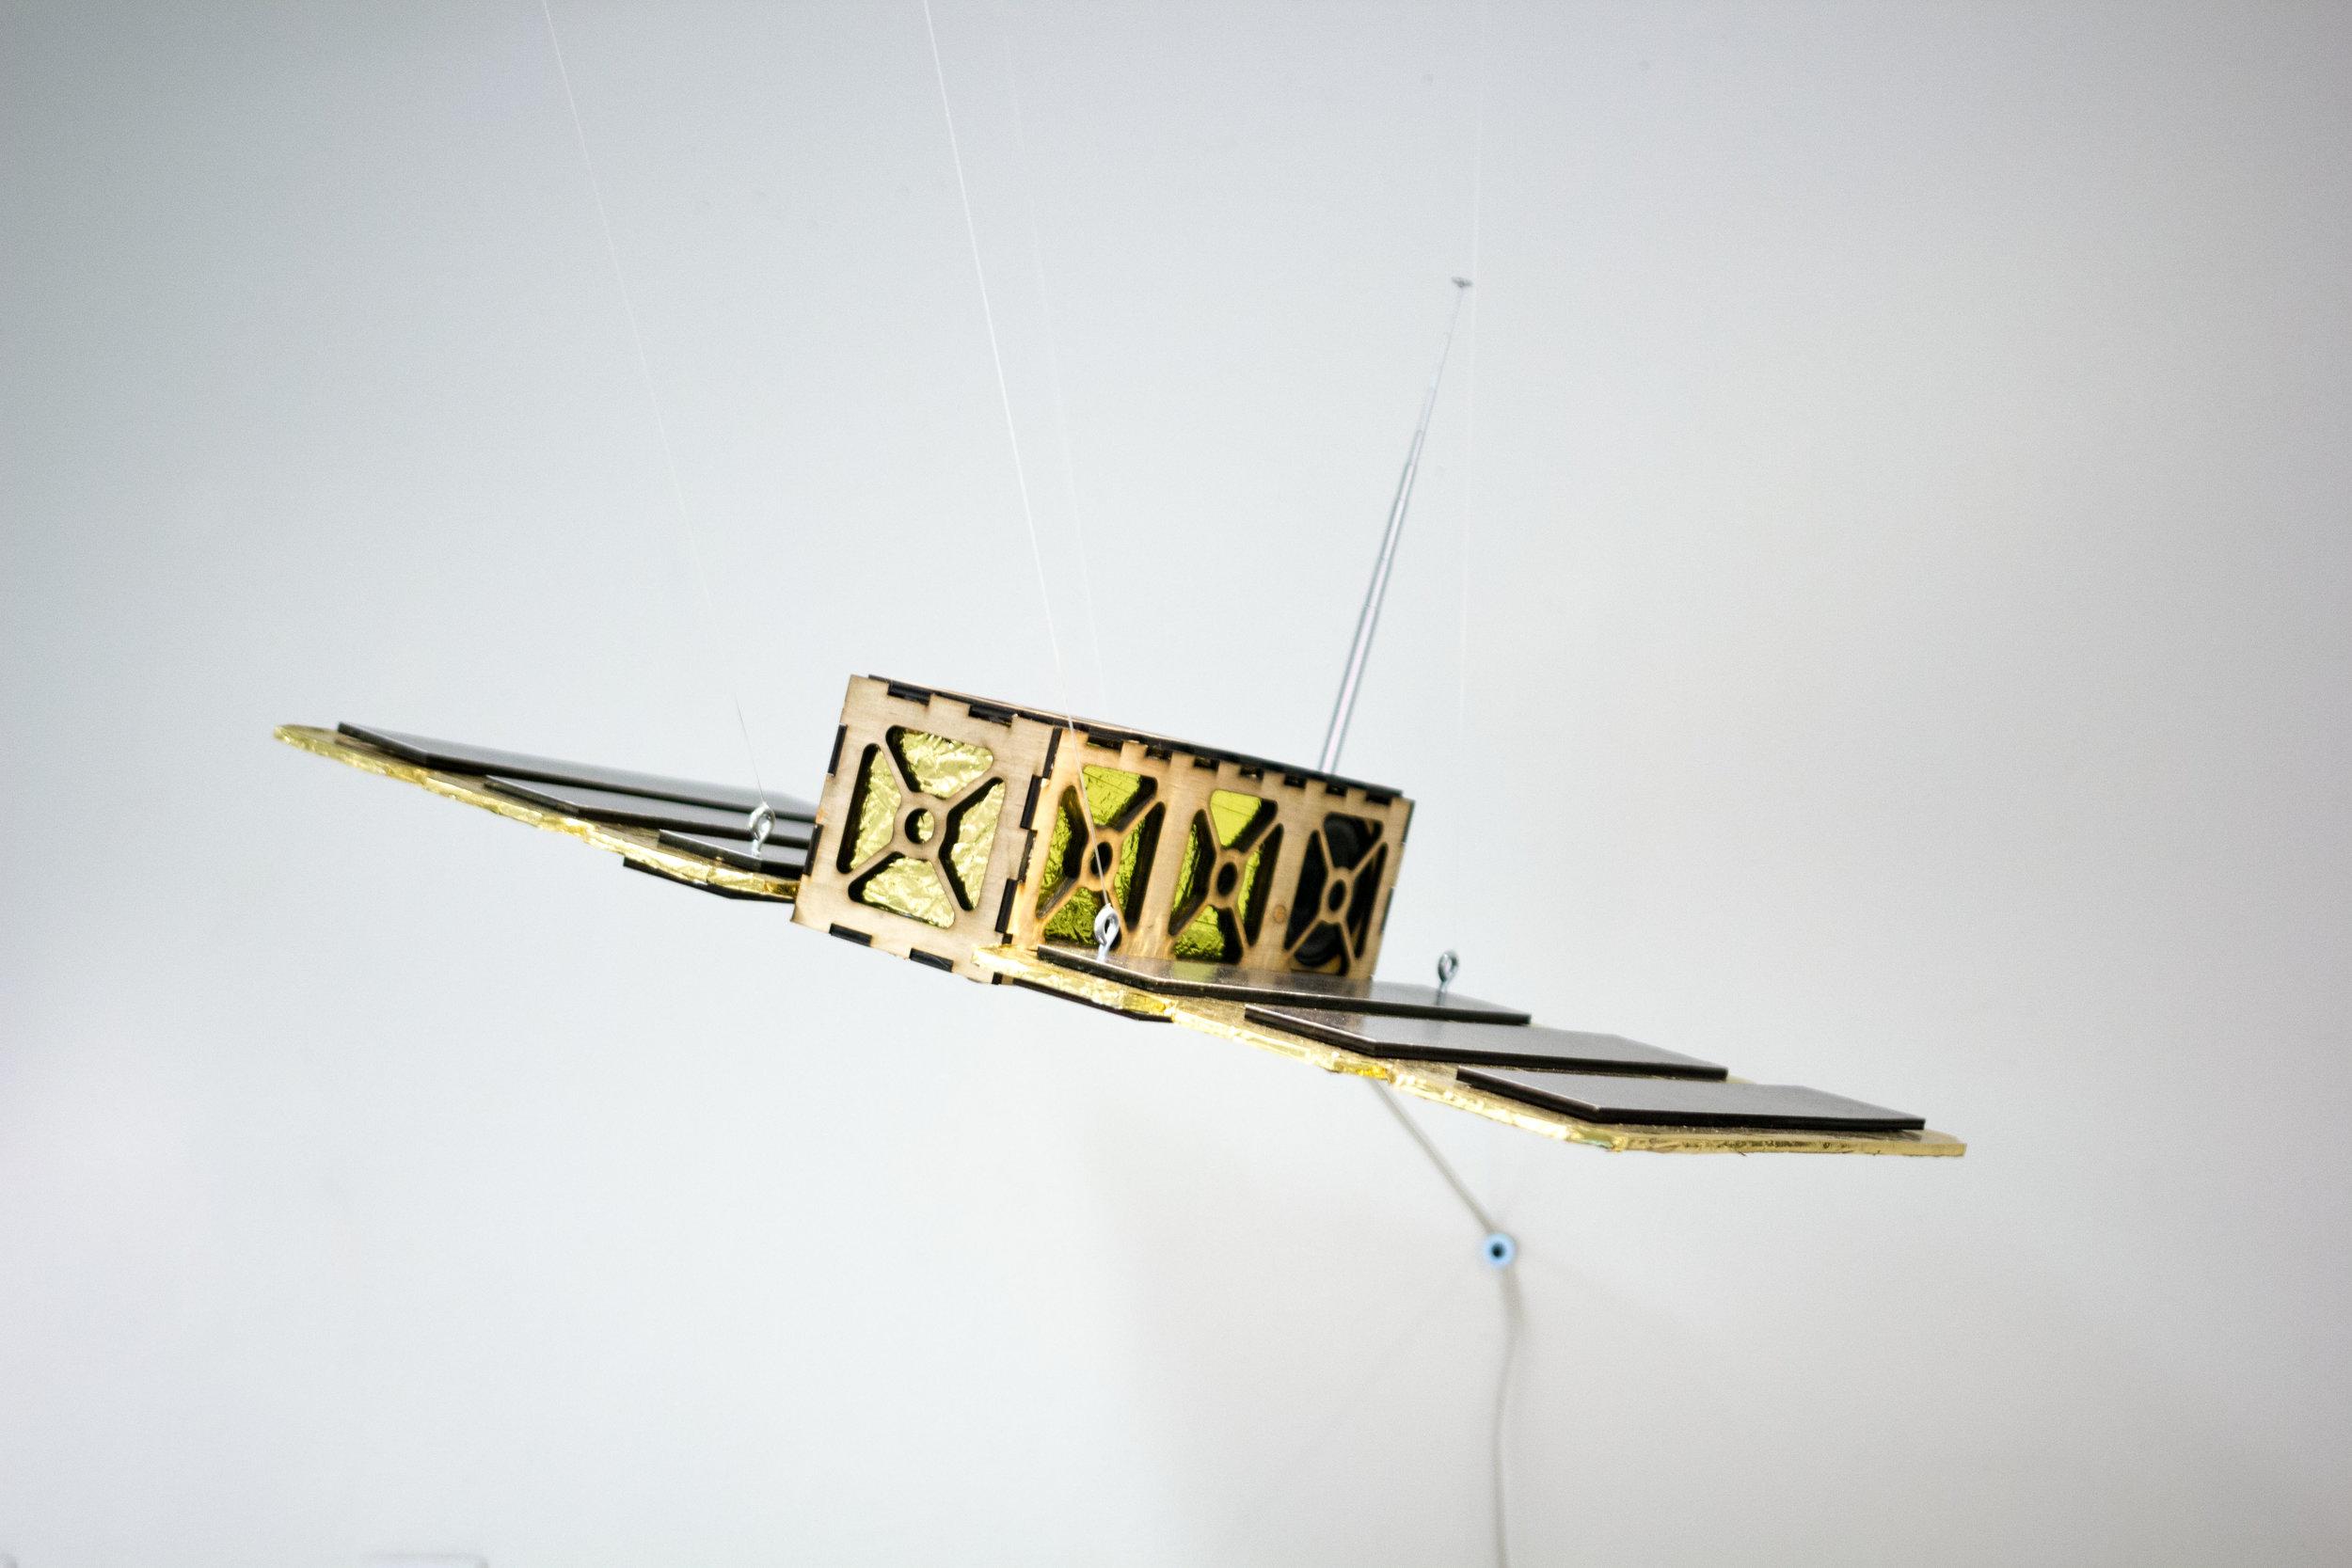 JKR-6814.jpg